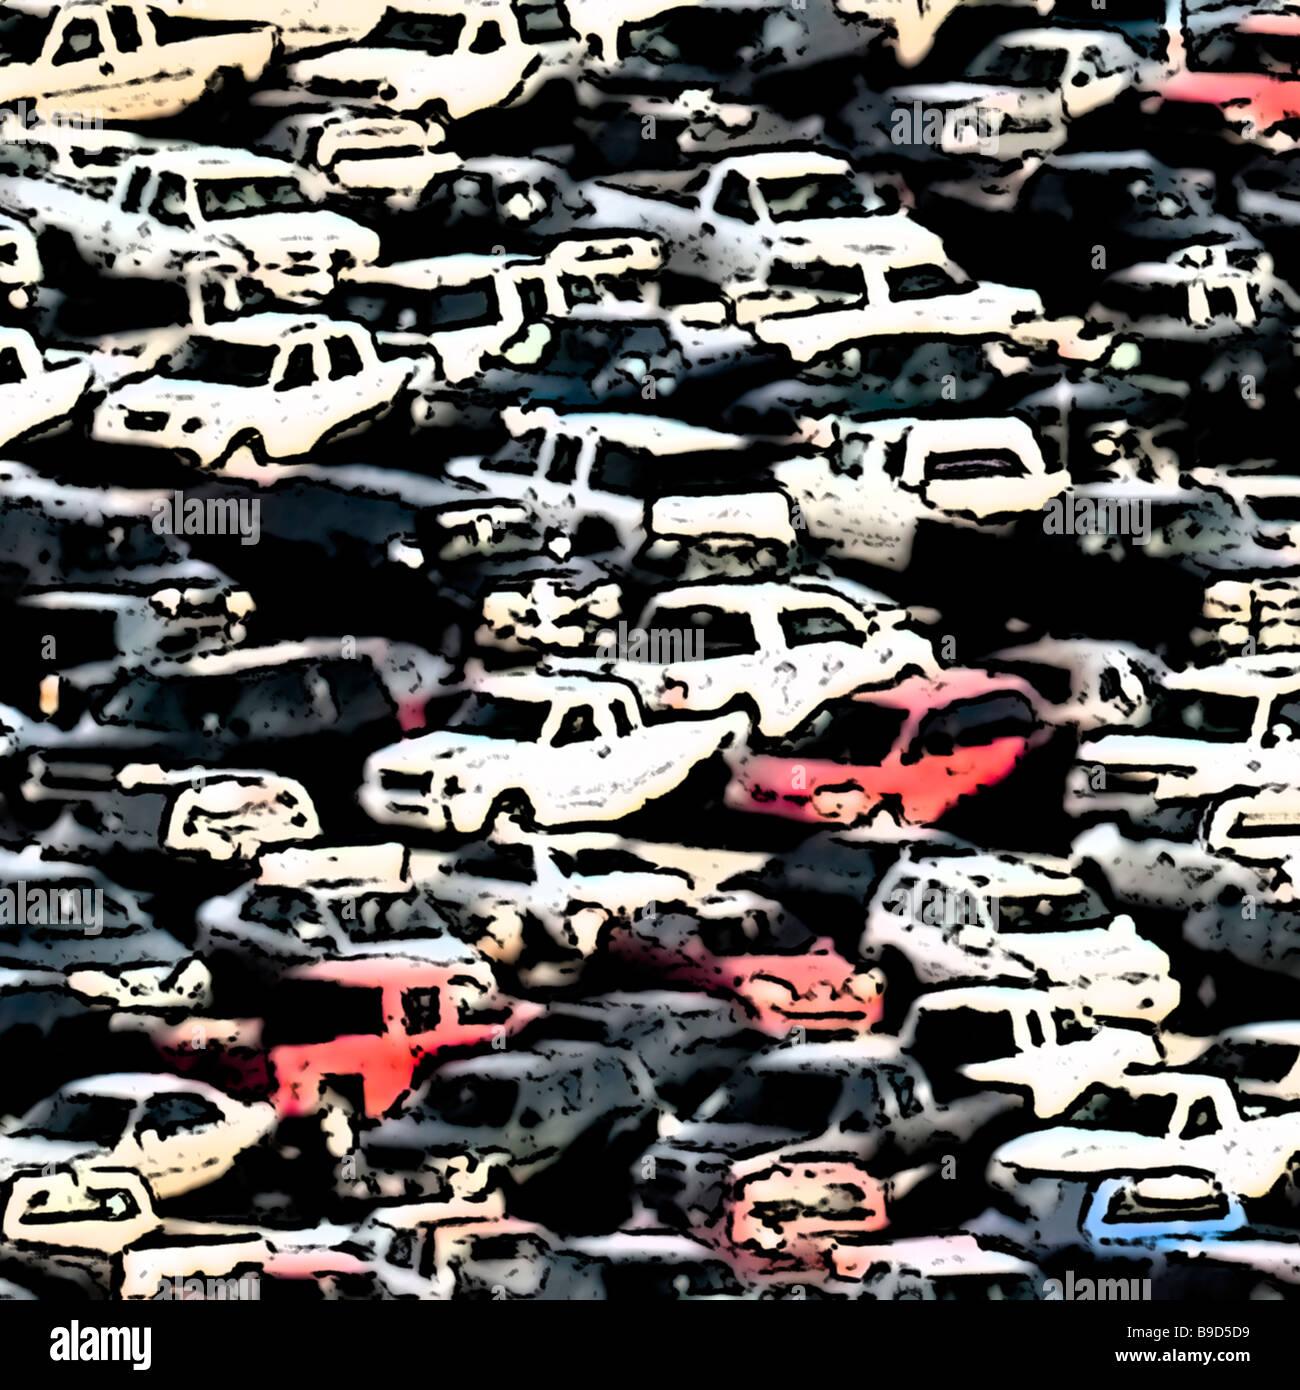 Voitures, camions automobiles en stationnement de nombreux véhicules d'art Photo Stock